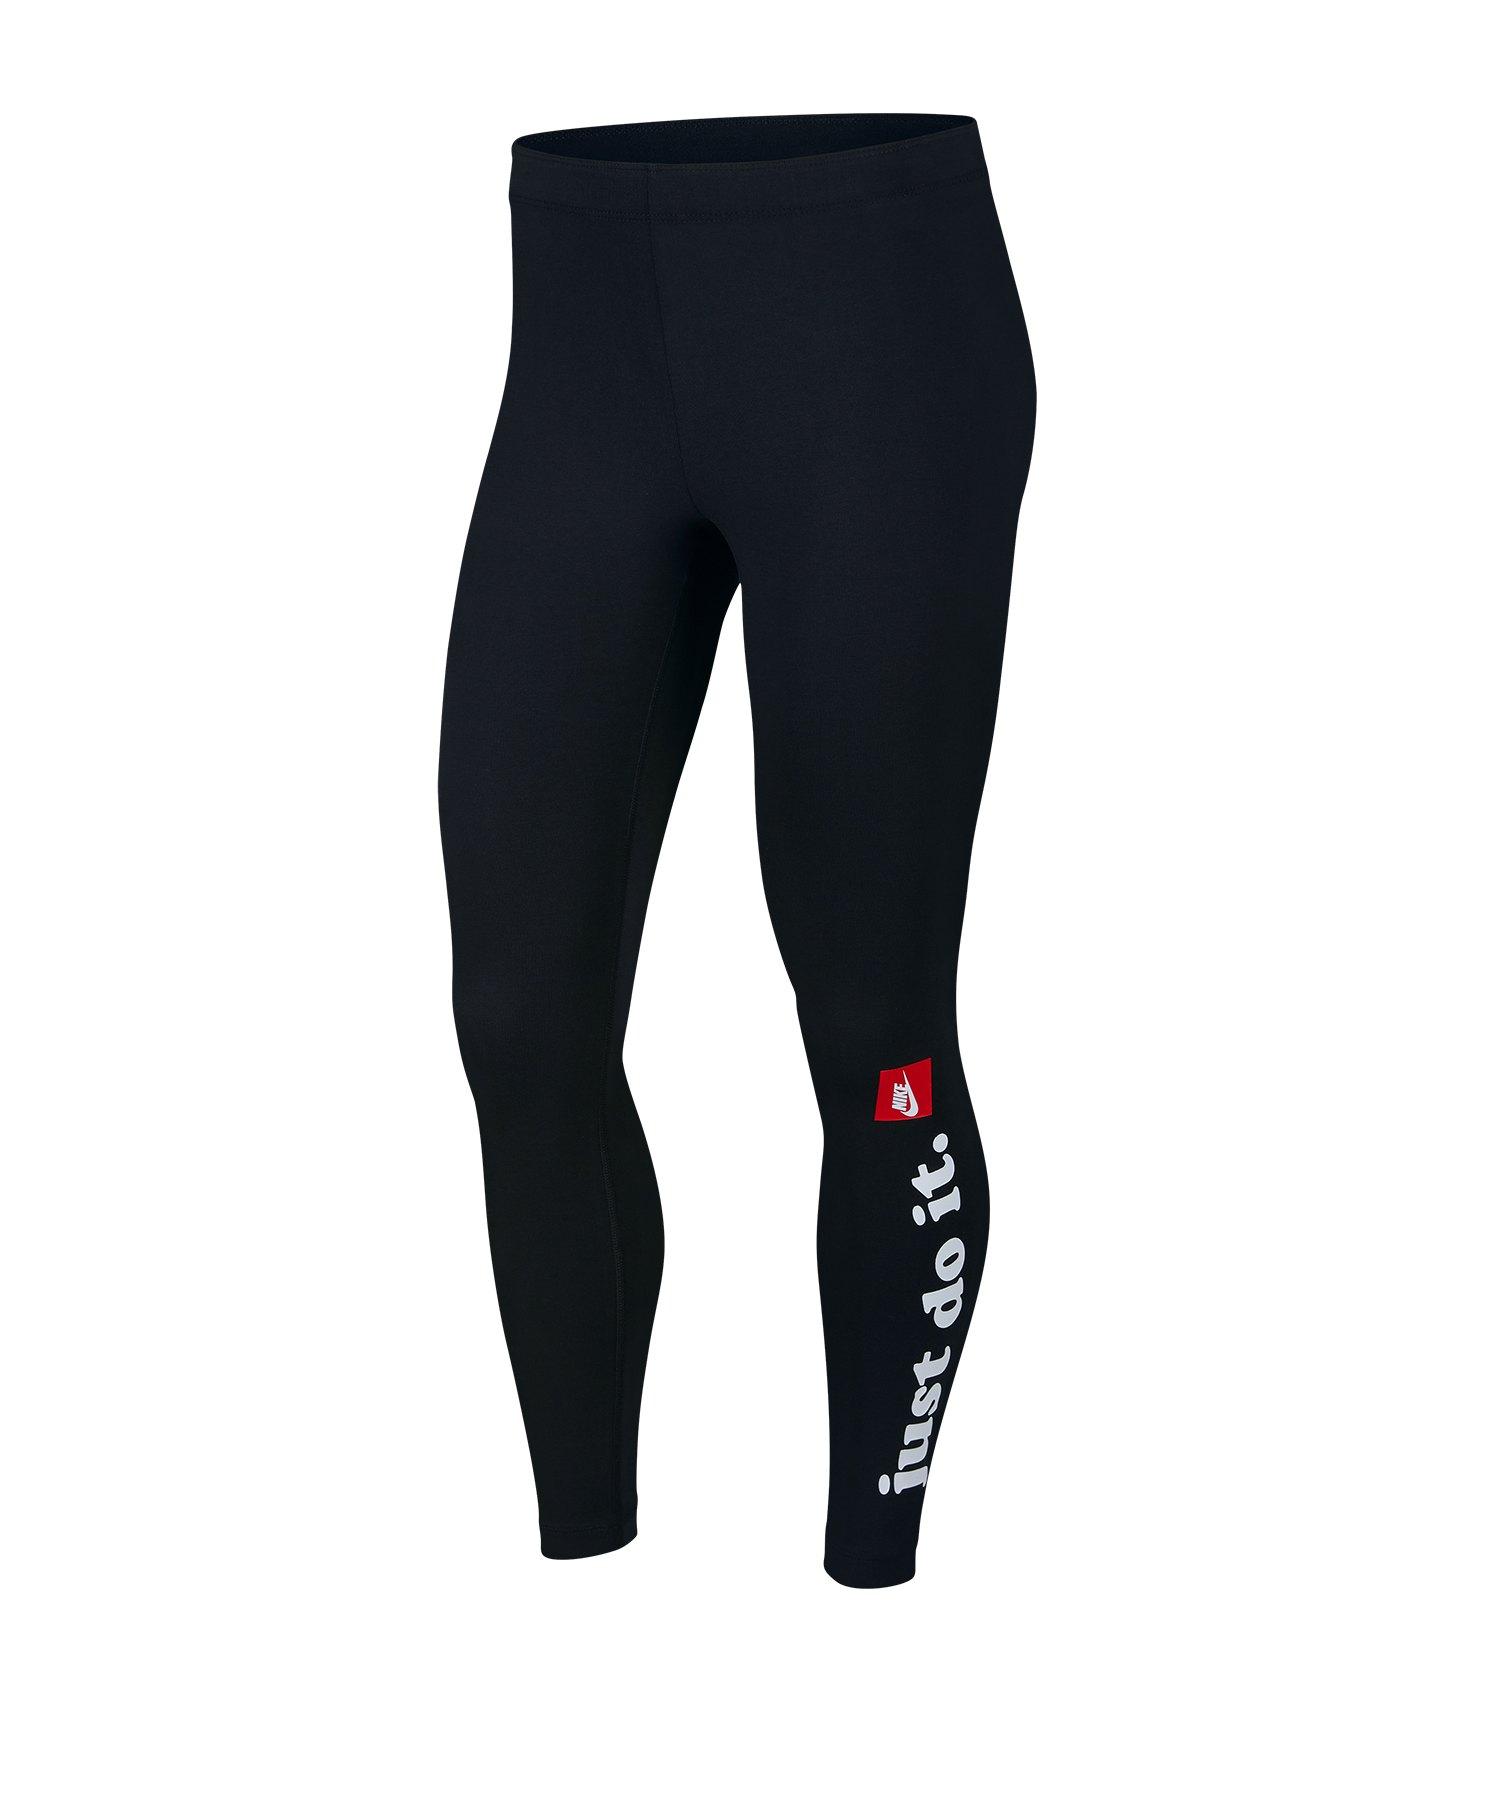 Nike Club Leggings Damen Schwarz F010 - schwarz